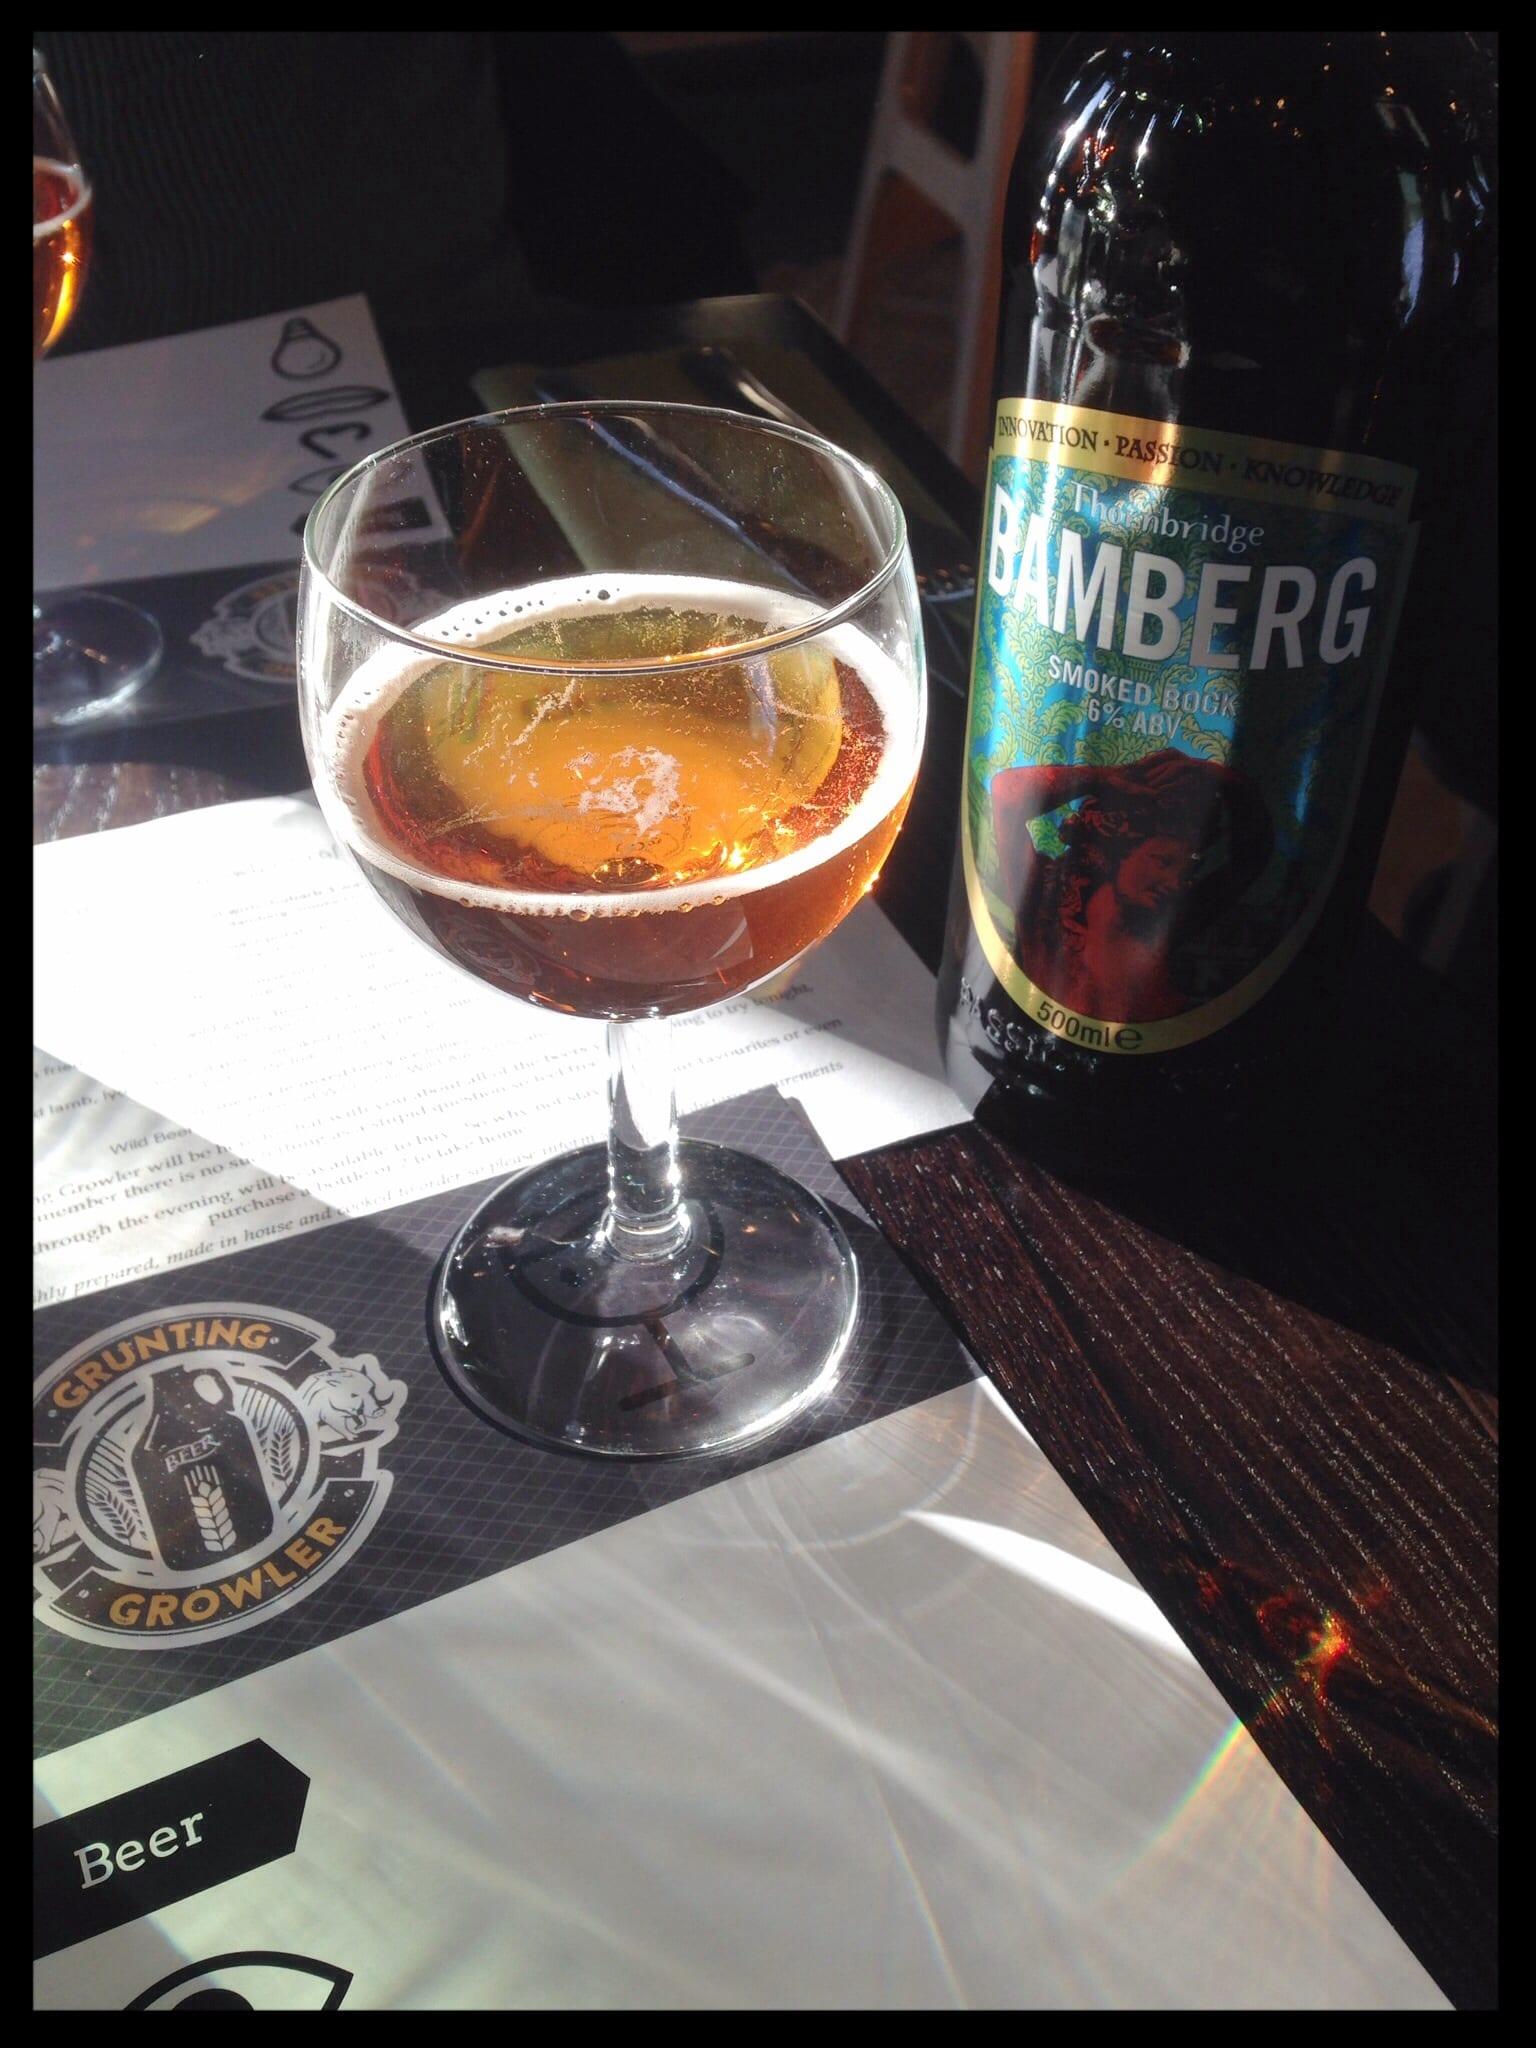 thornbridge bamberg grunting growler glasgow foodie food drink glasgow beer